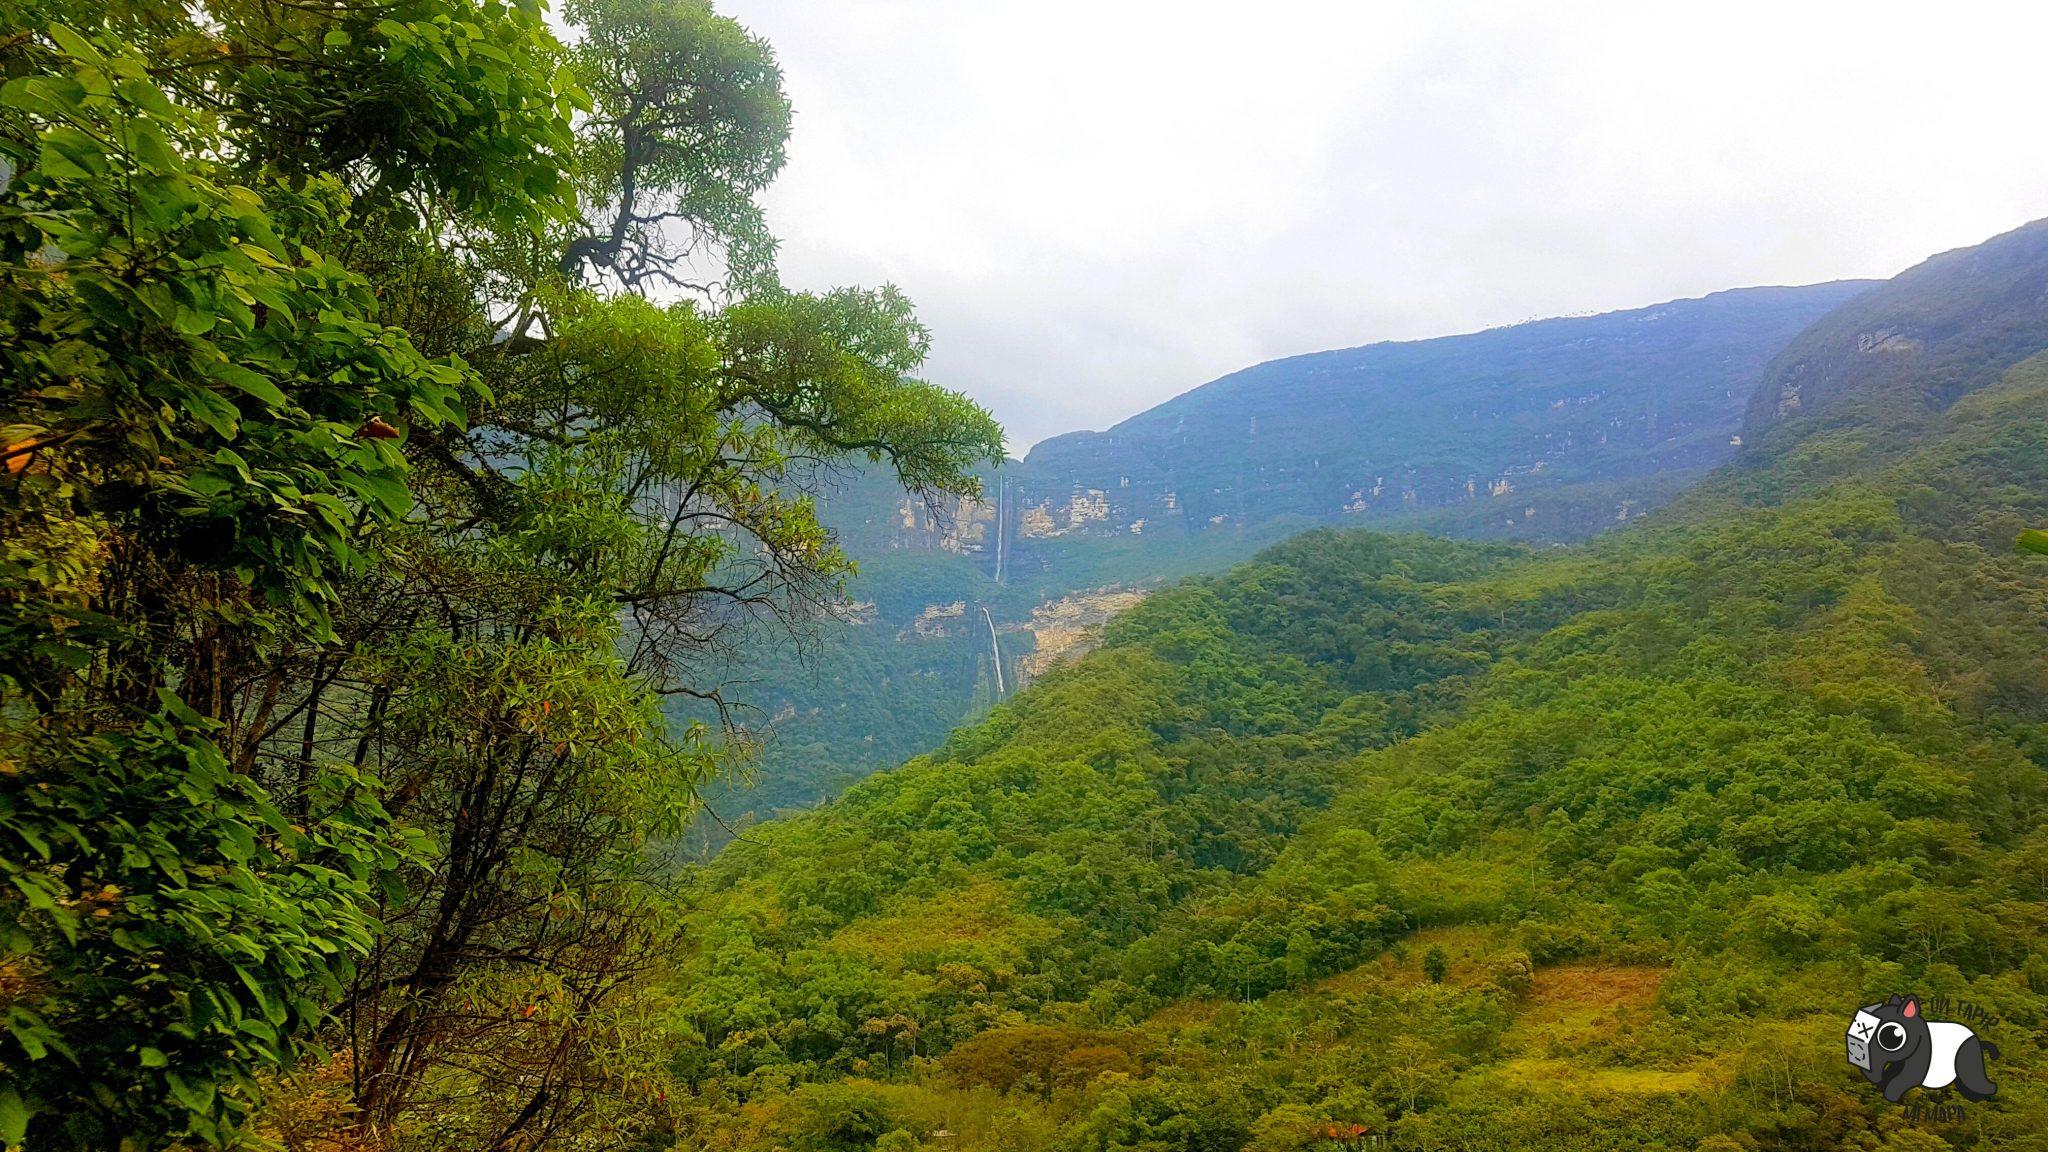 Mientras haces el trekking, las vistas son espectaculares.